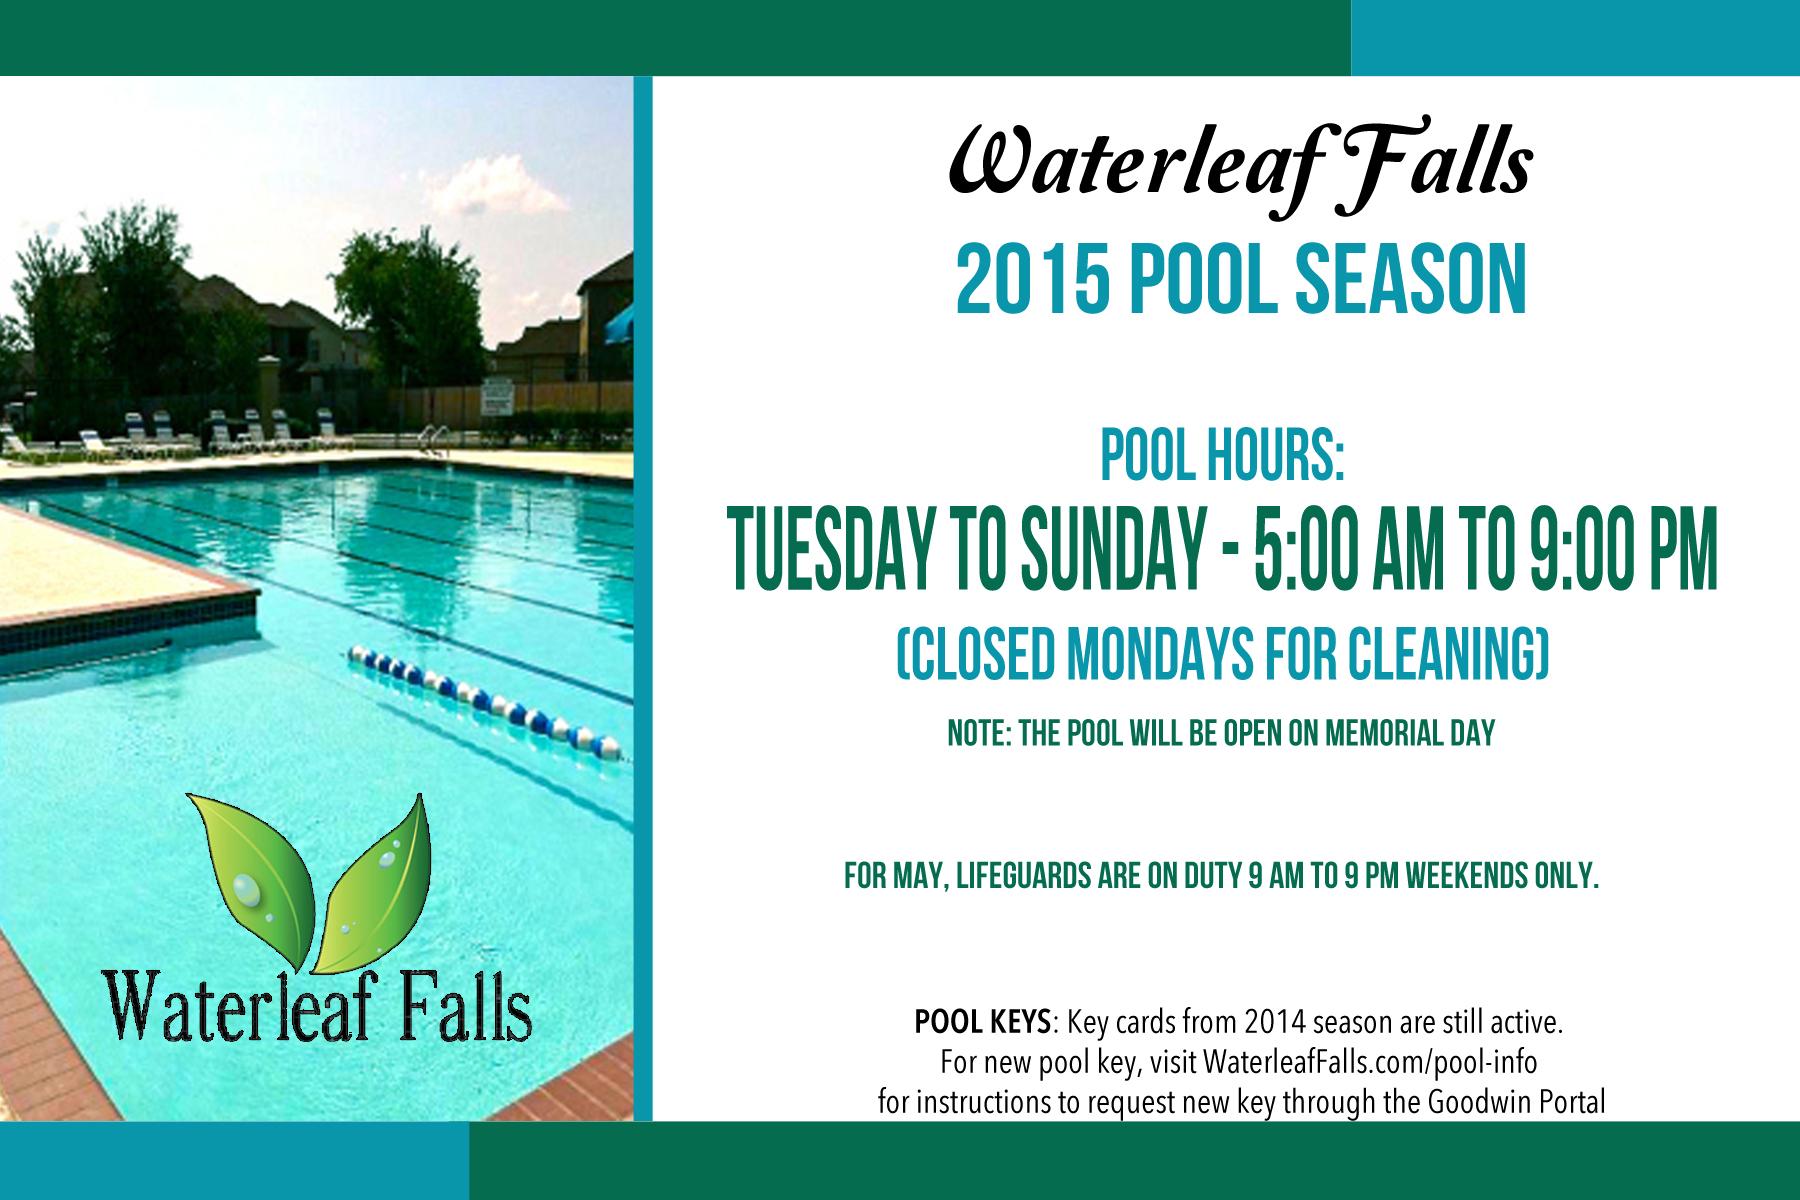 pool hours | Waterleaf Falls